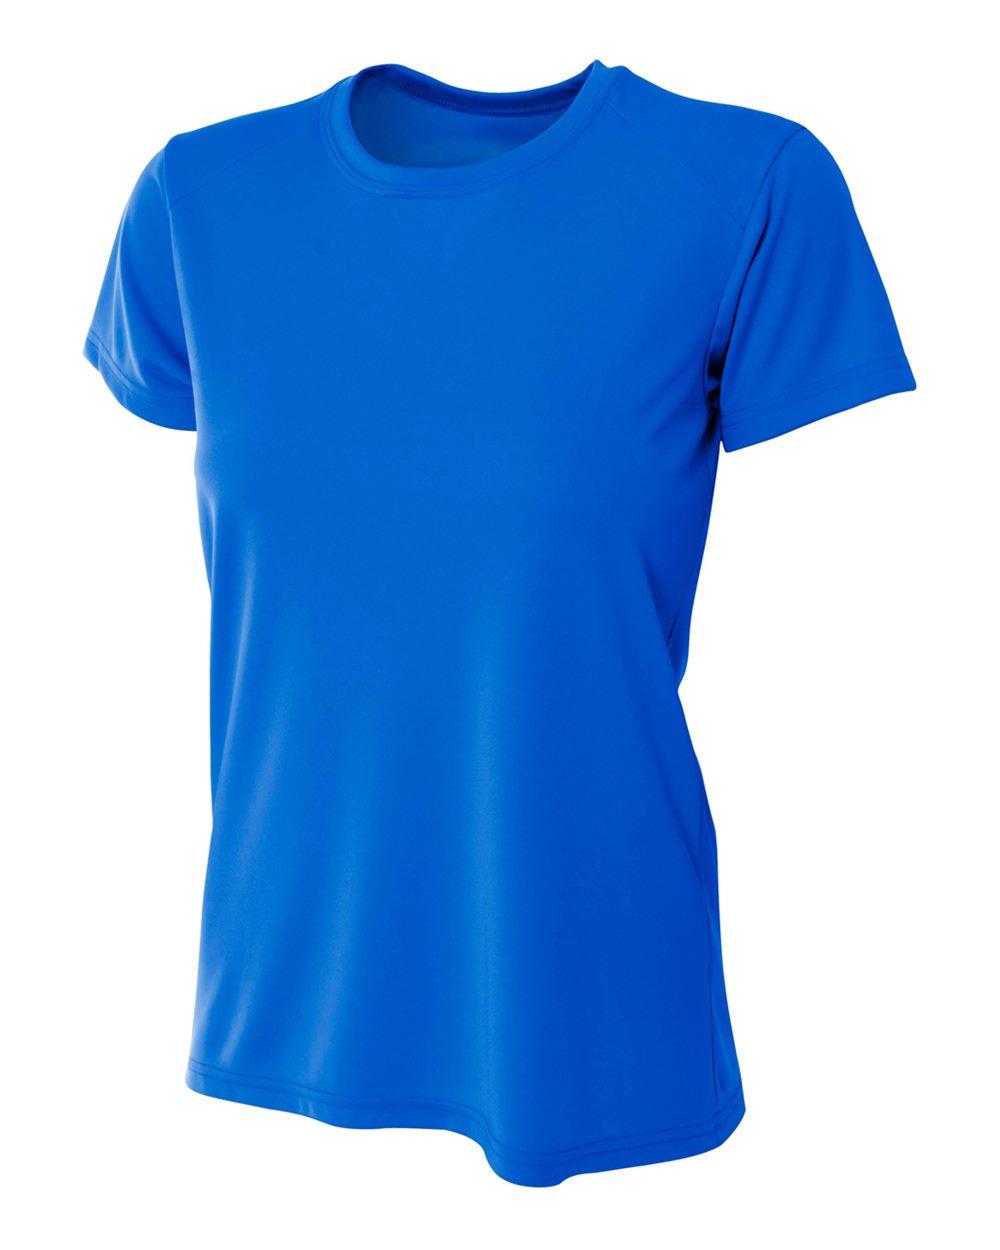 womens-polo-mwicking-royal-blue.jpg